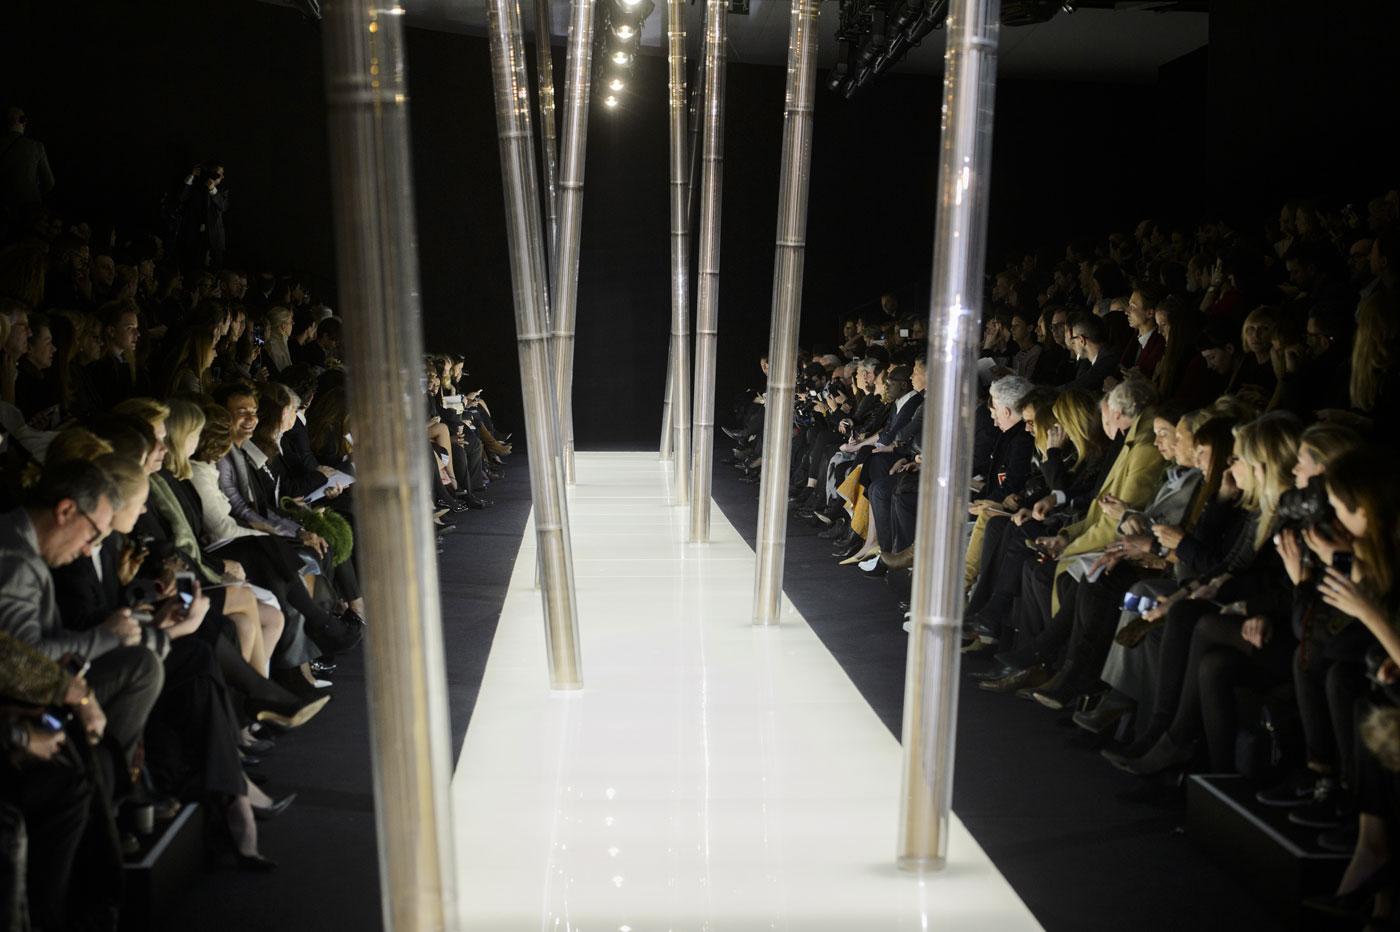 Giorgio-armani-Prive-fashion-runway-show-haute-couture-paris-spring-2015-the-impression-002